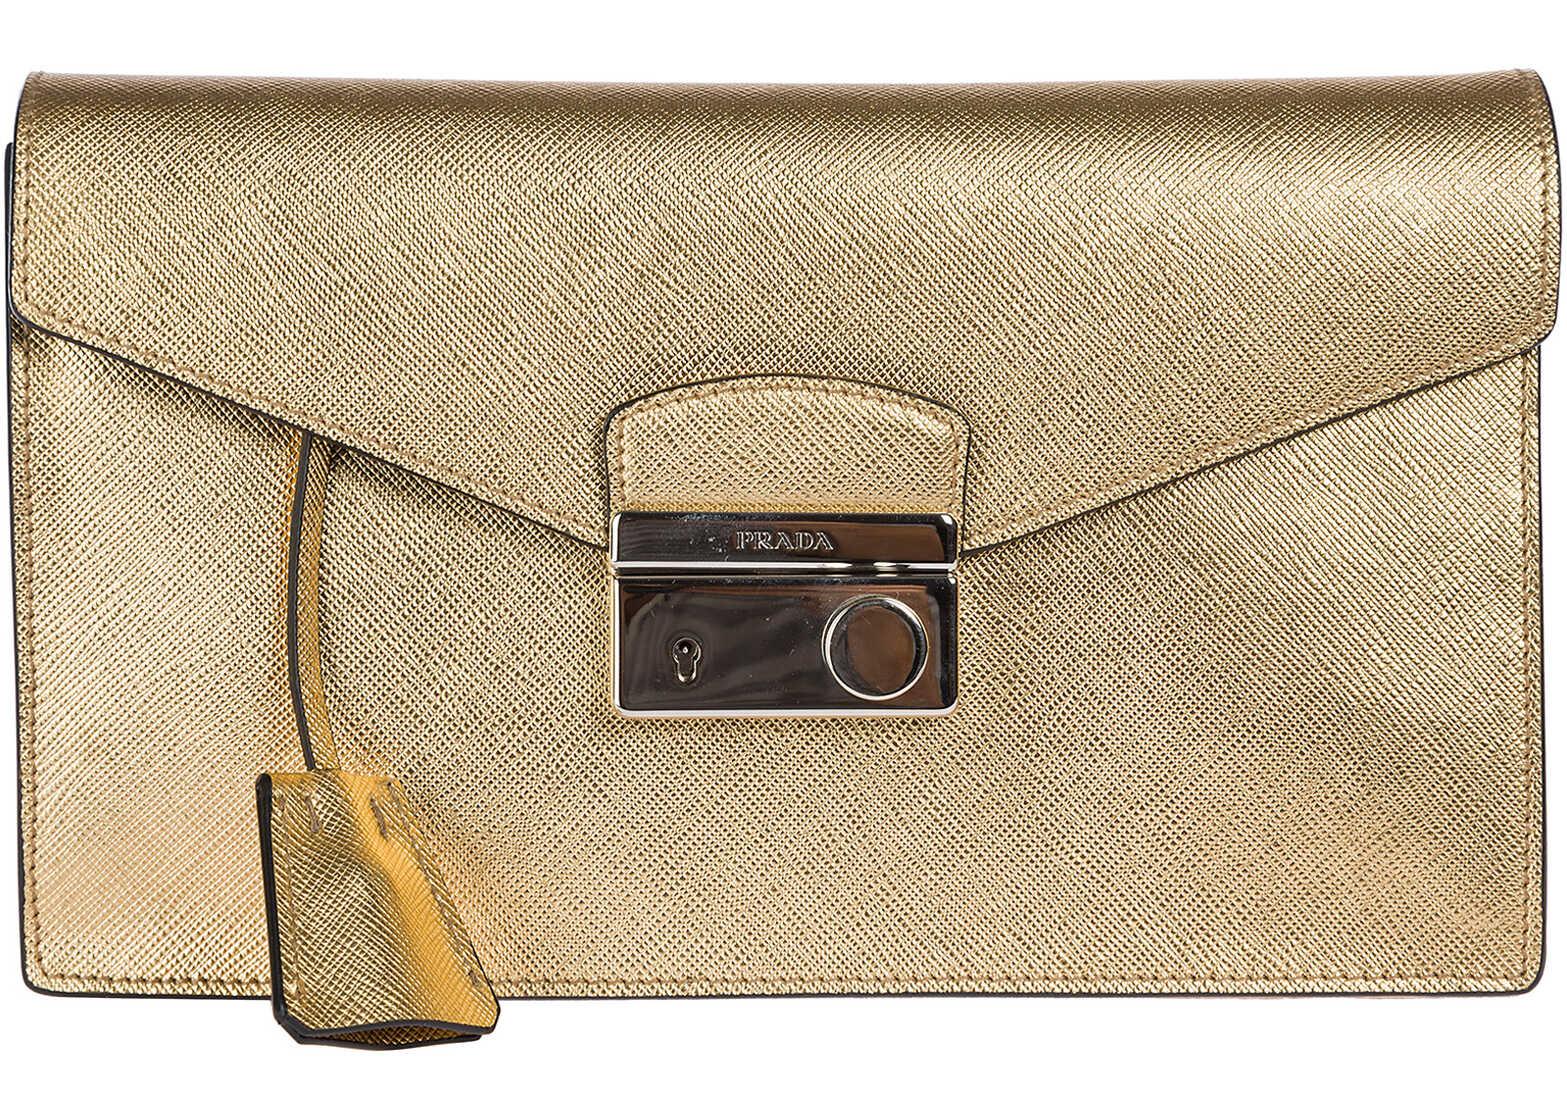 Prada Bag Purse Gold